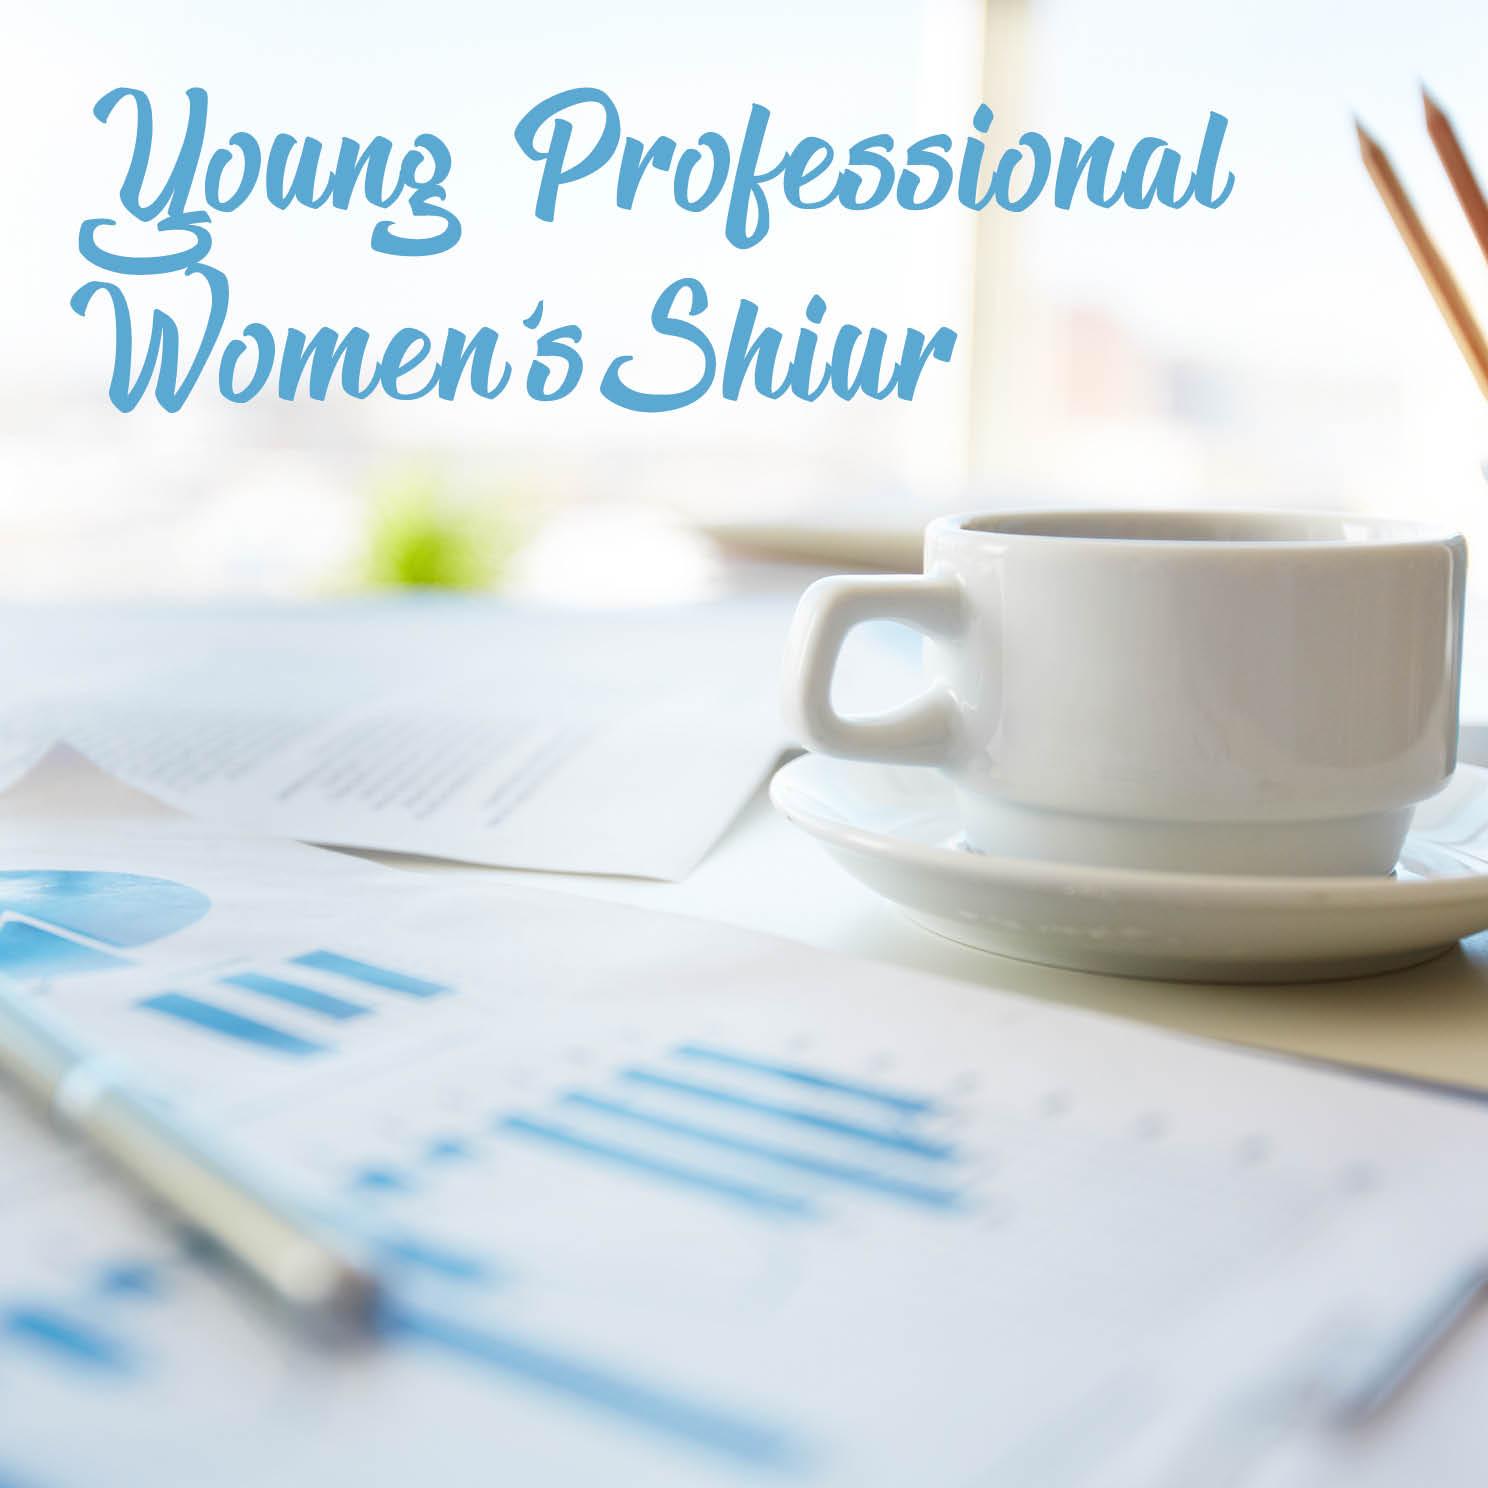 YOUNG PROFESSIONAL WOMEN'S SHIUR